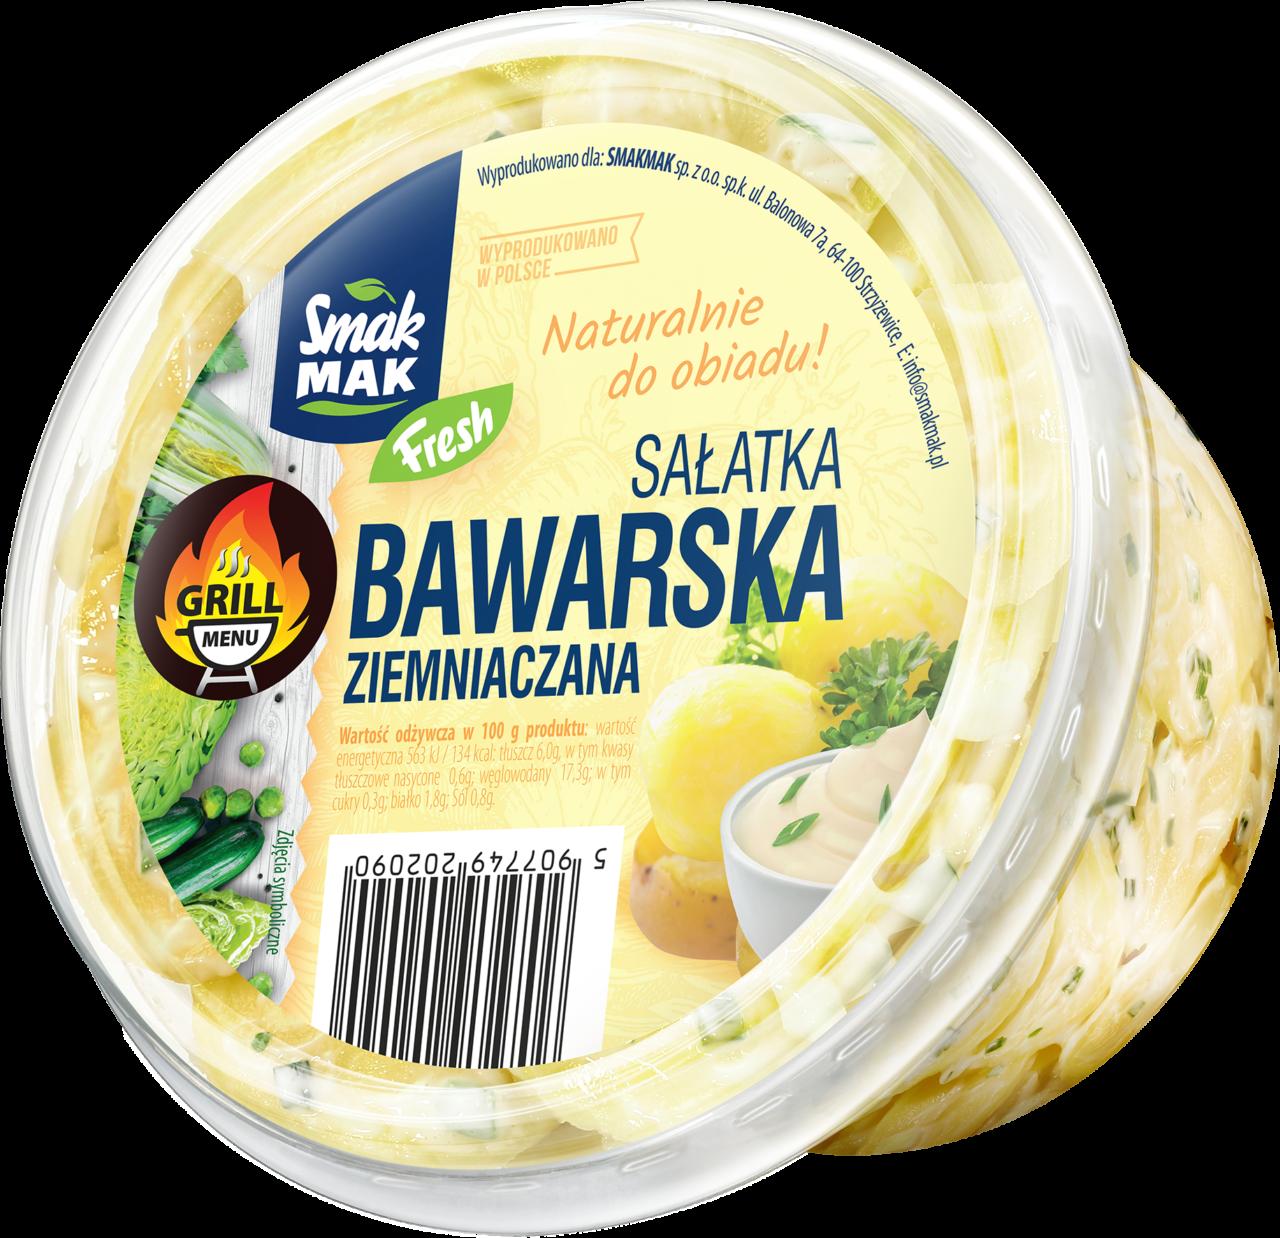 Sałatka bawarska ziemniaczana